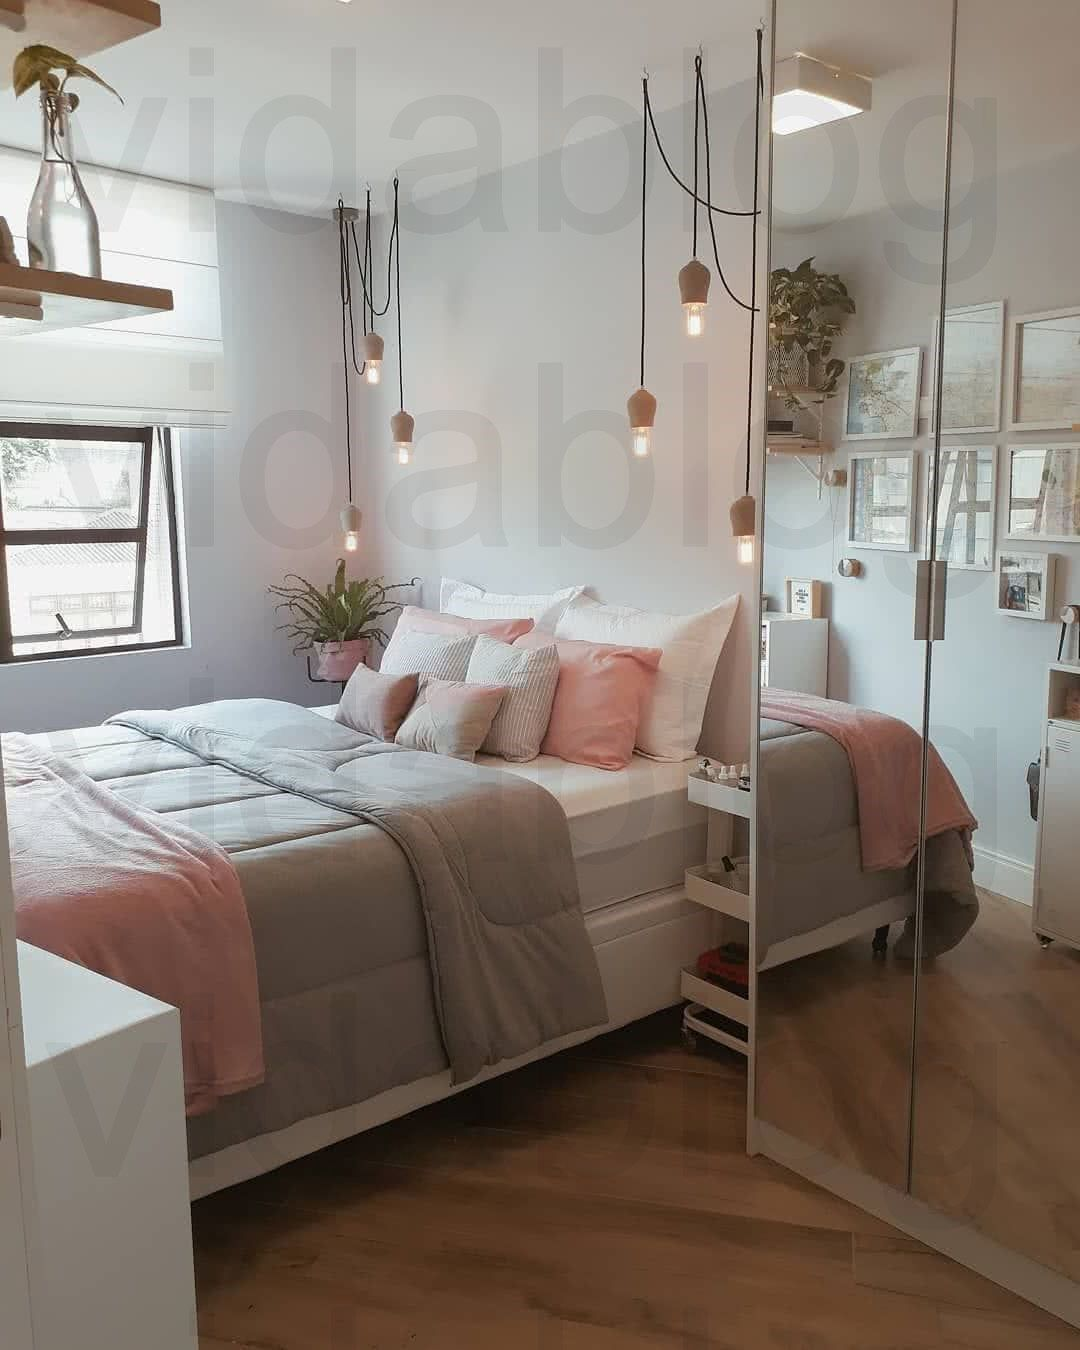 23 Imagenes de cuartos bonitos